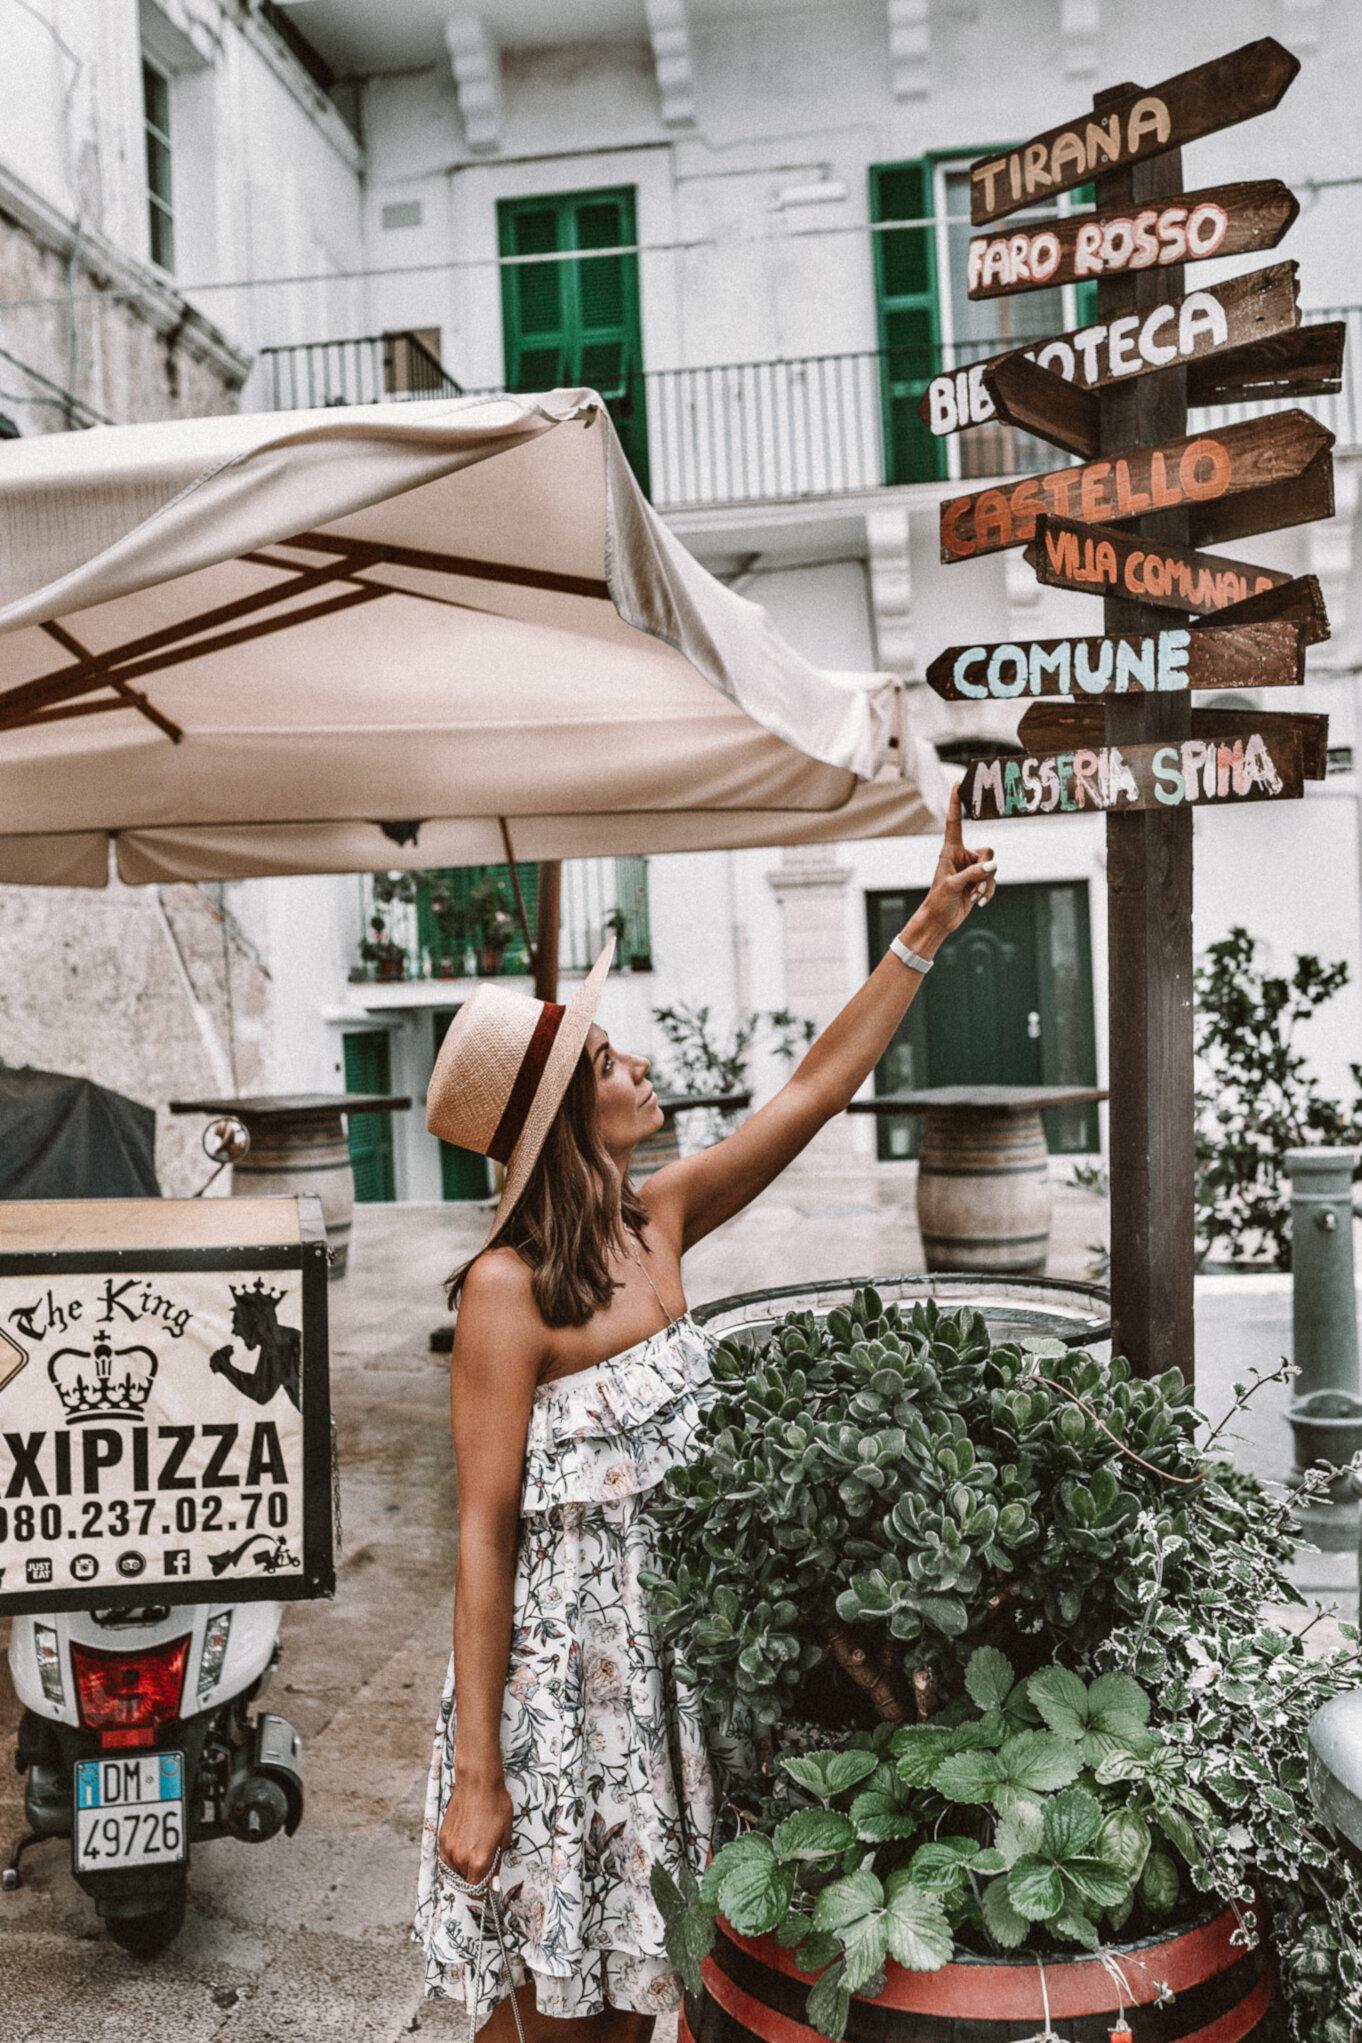 Drogowskaz w mieście na południu Włoch